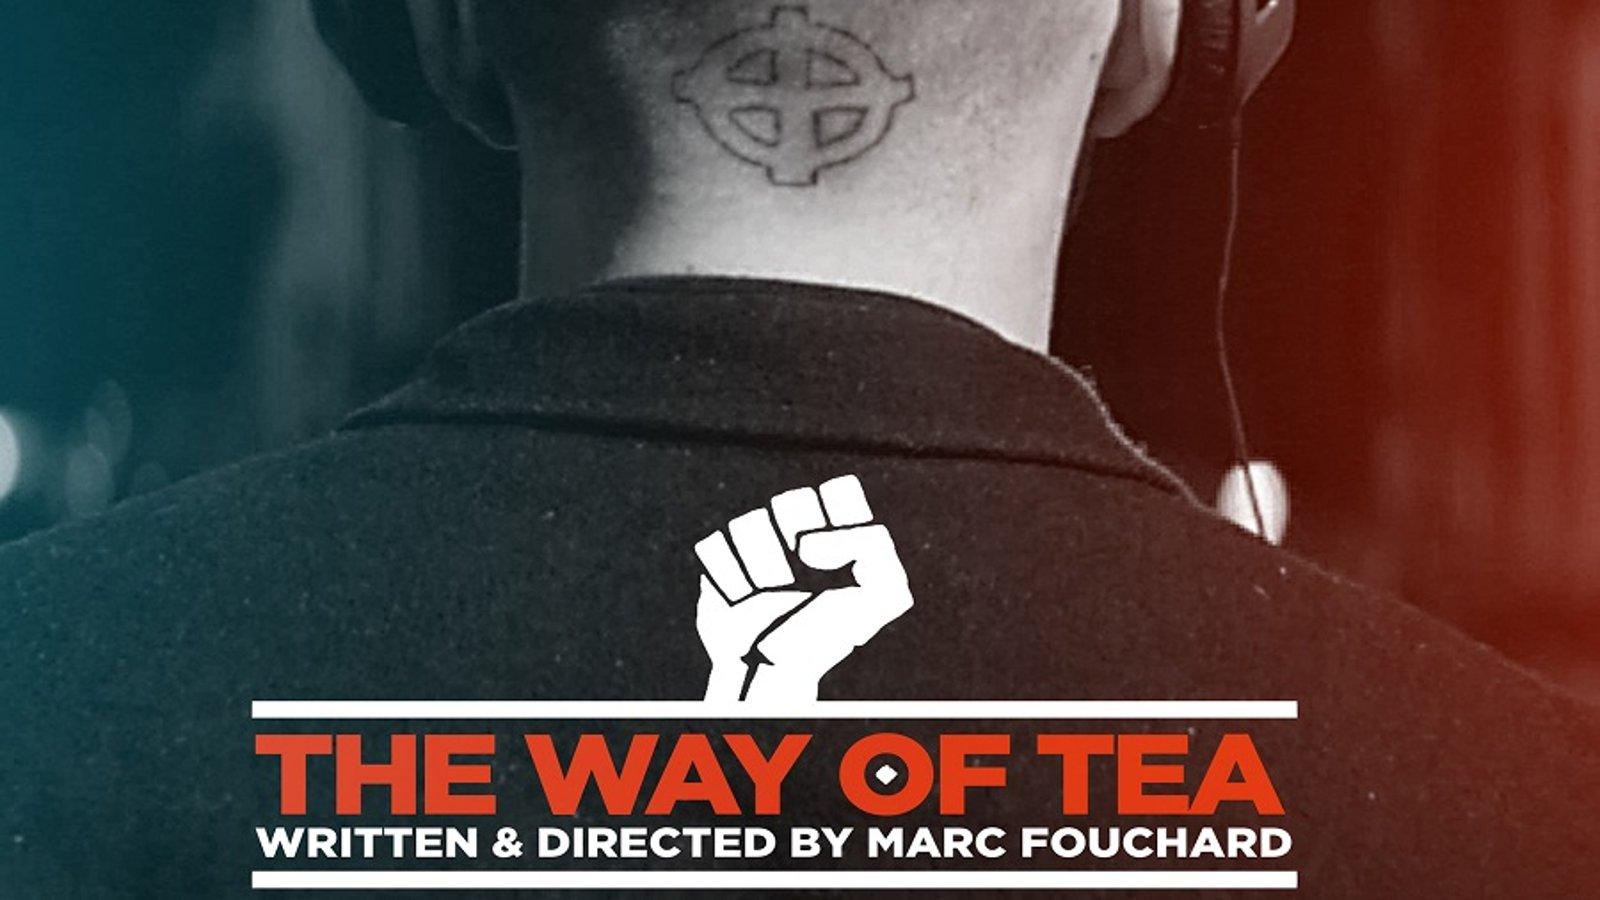 The Way of Tea - Les frémissements du thé